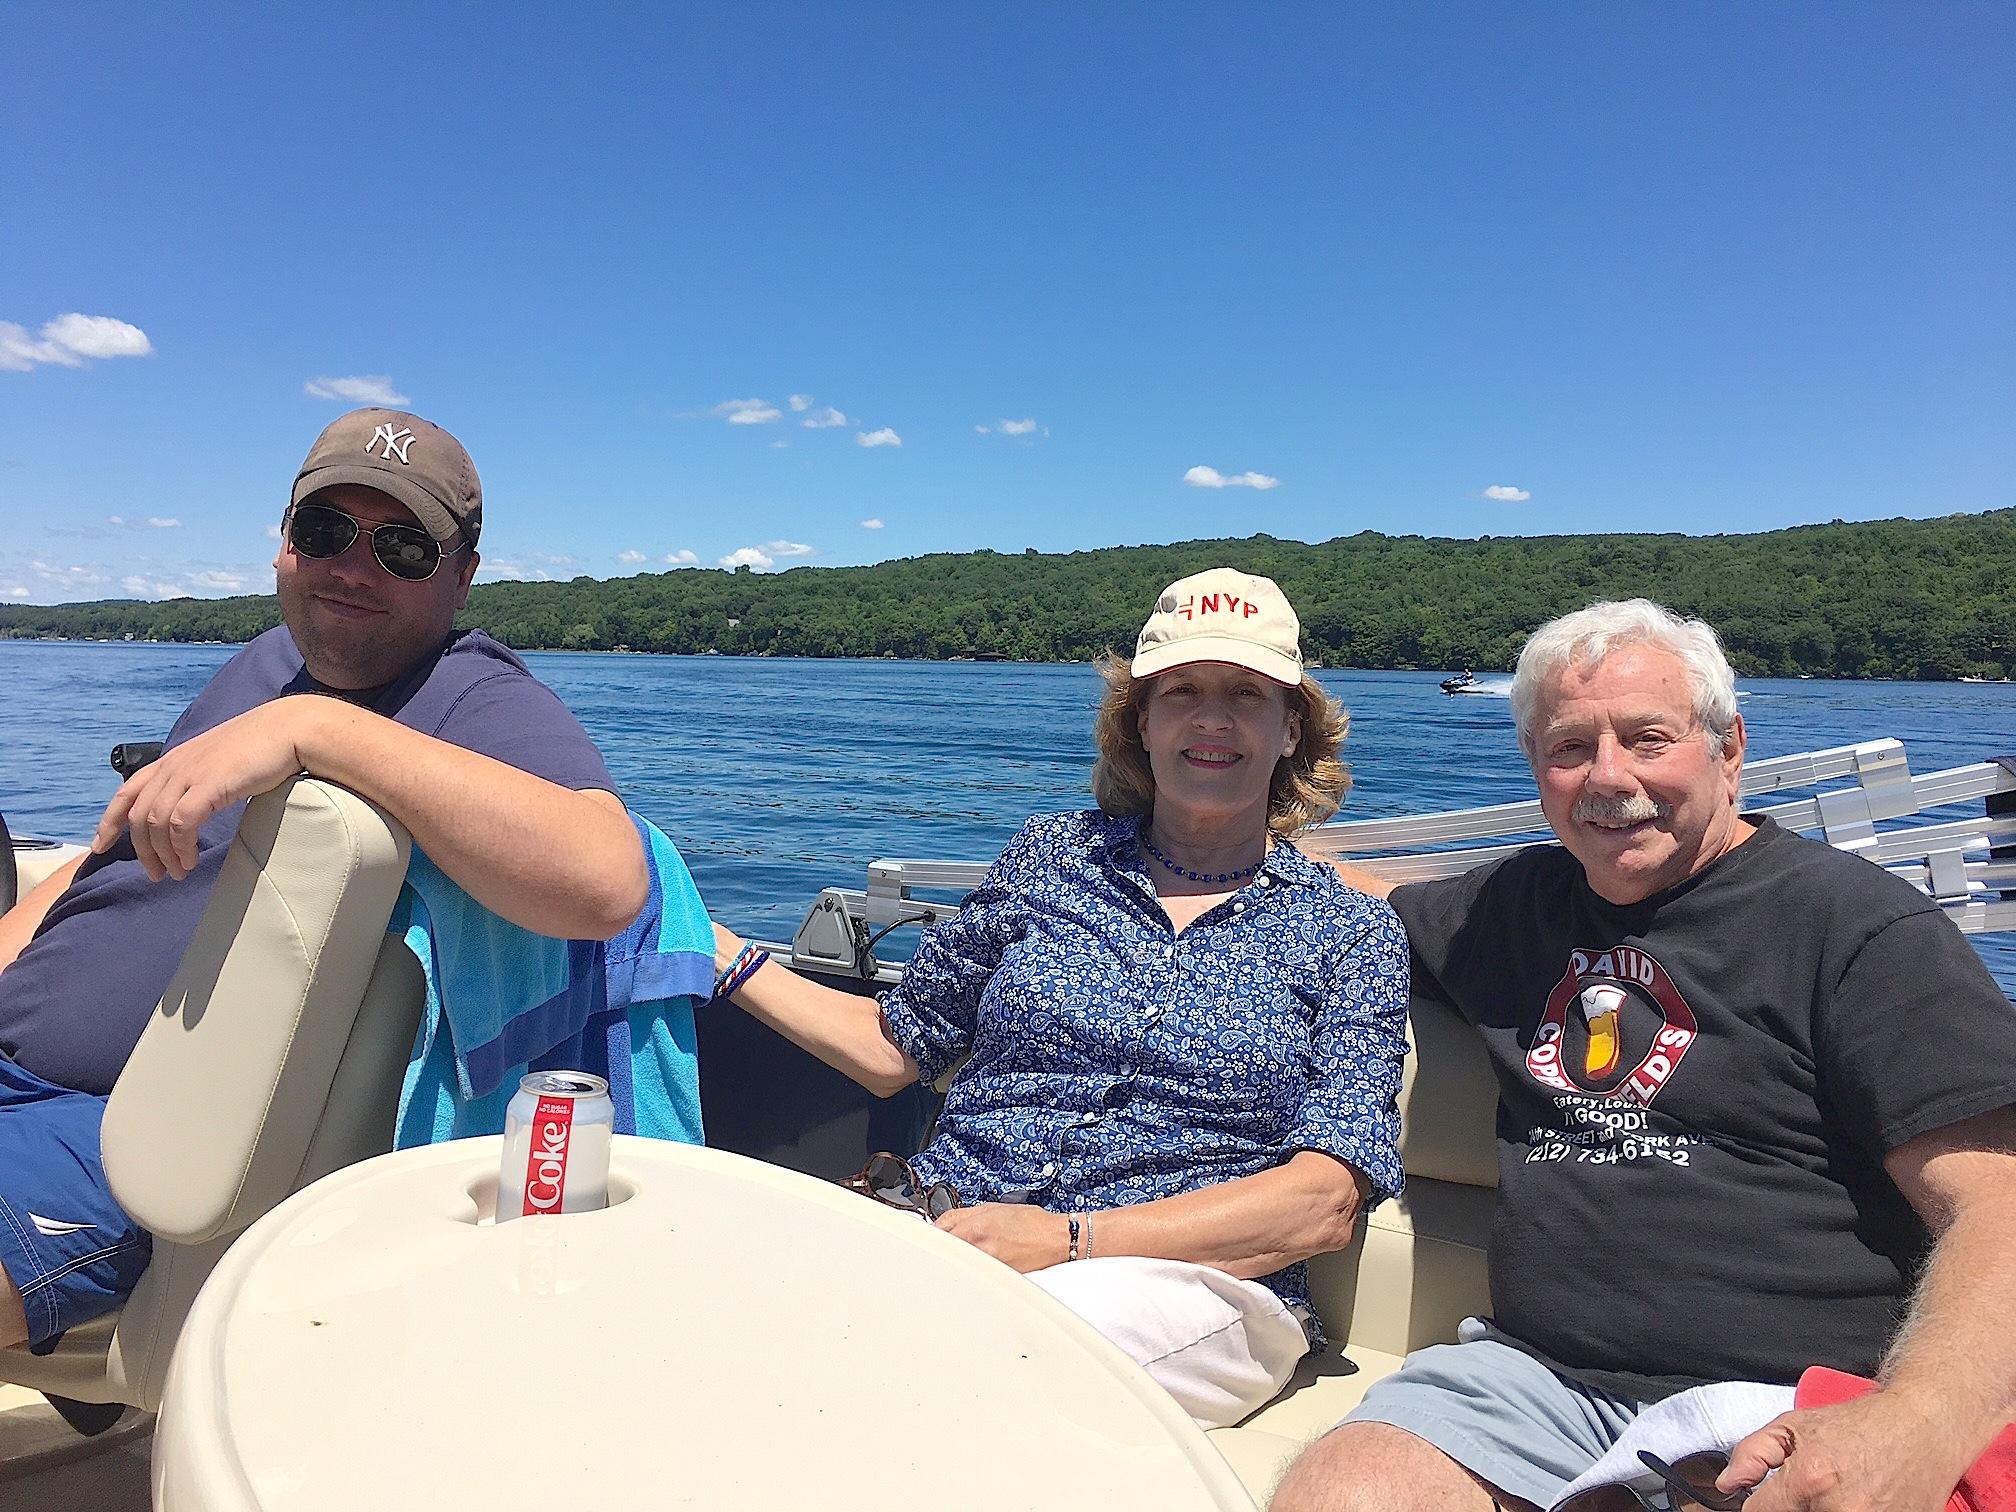 Greg Wagner, Lorraine Gudas, Don Fischman